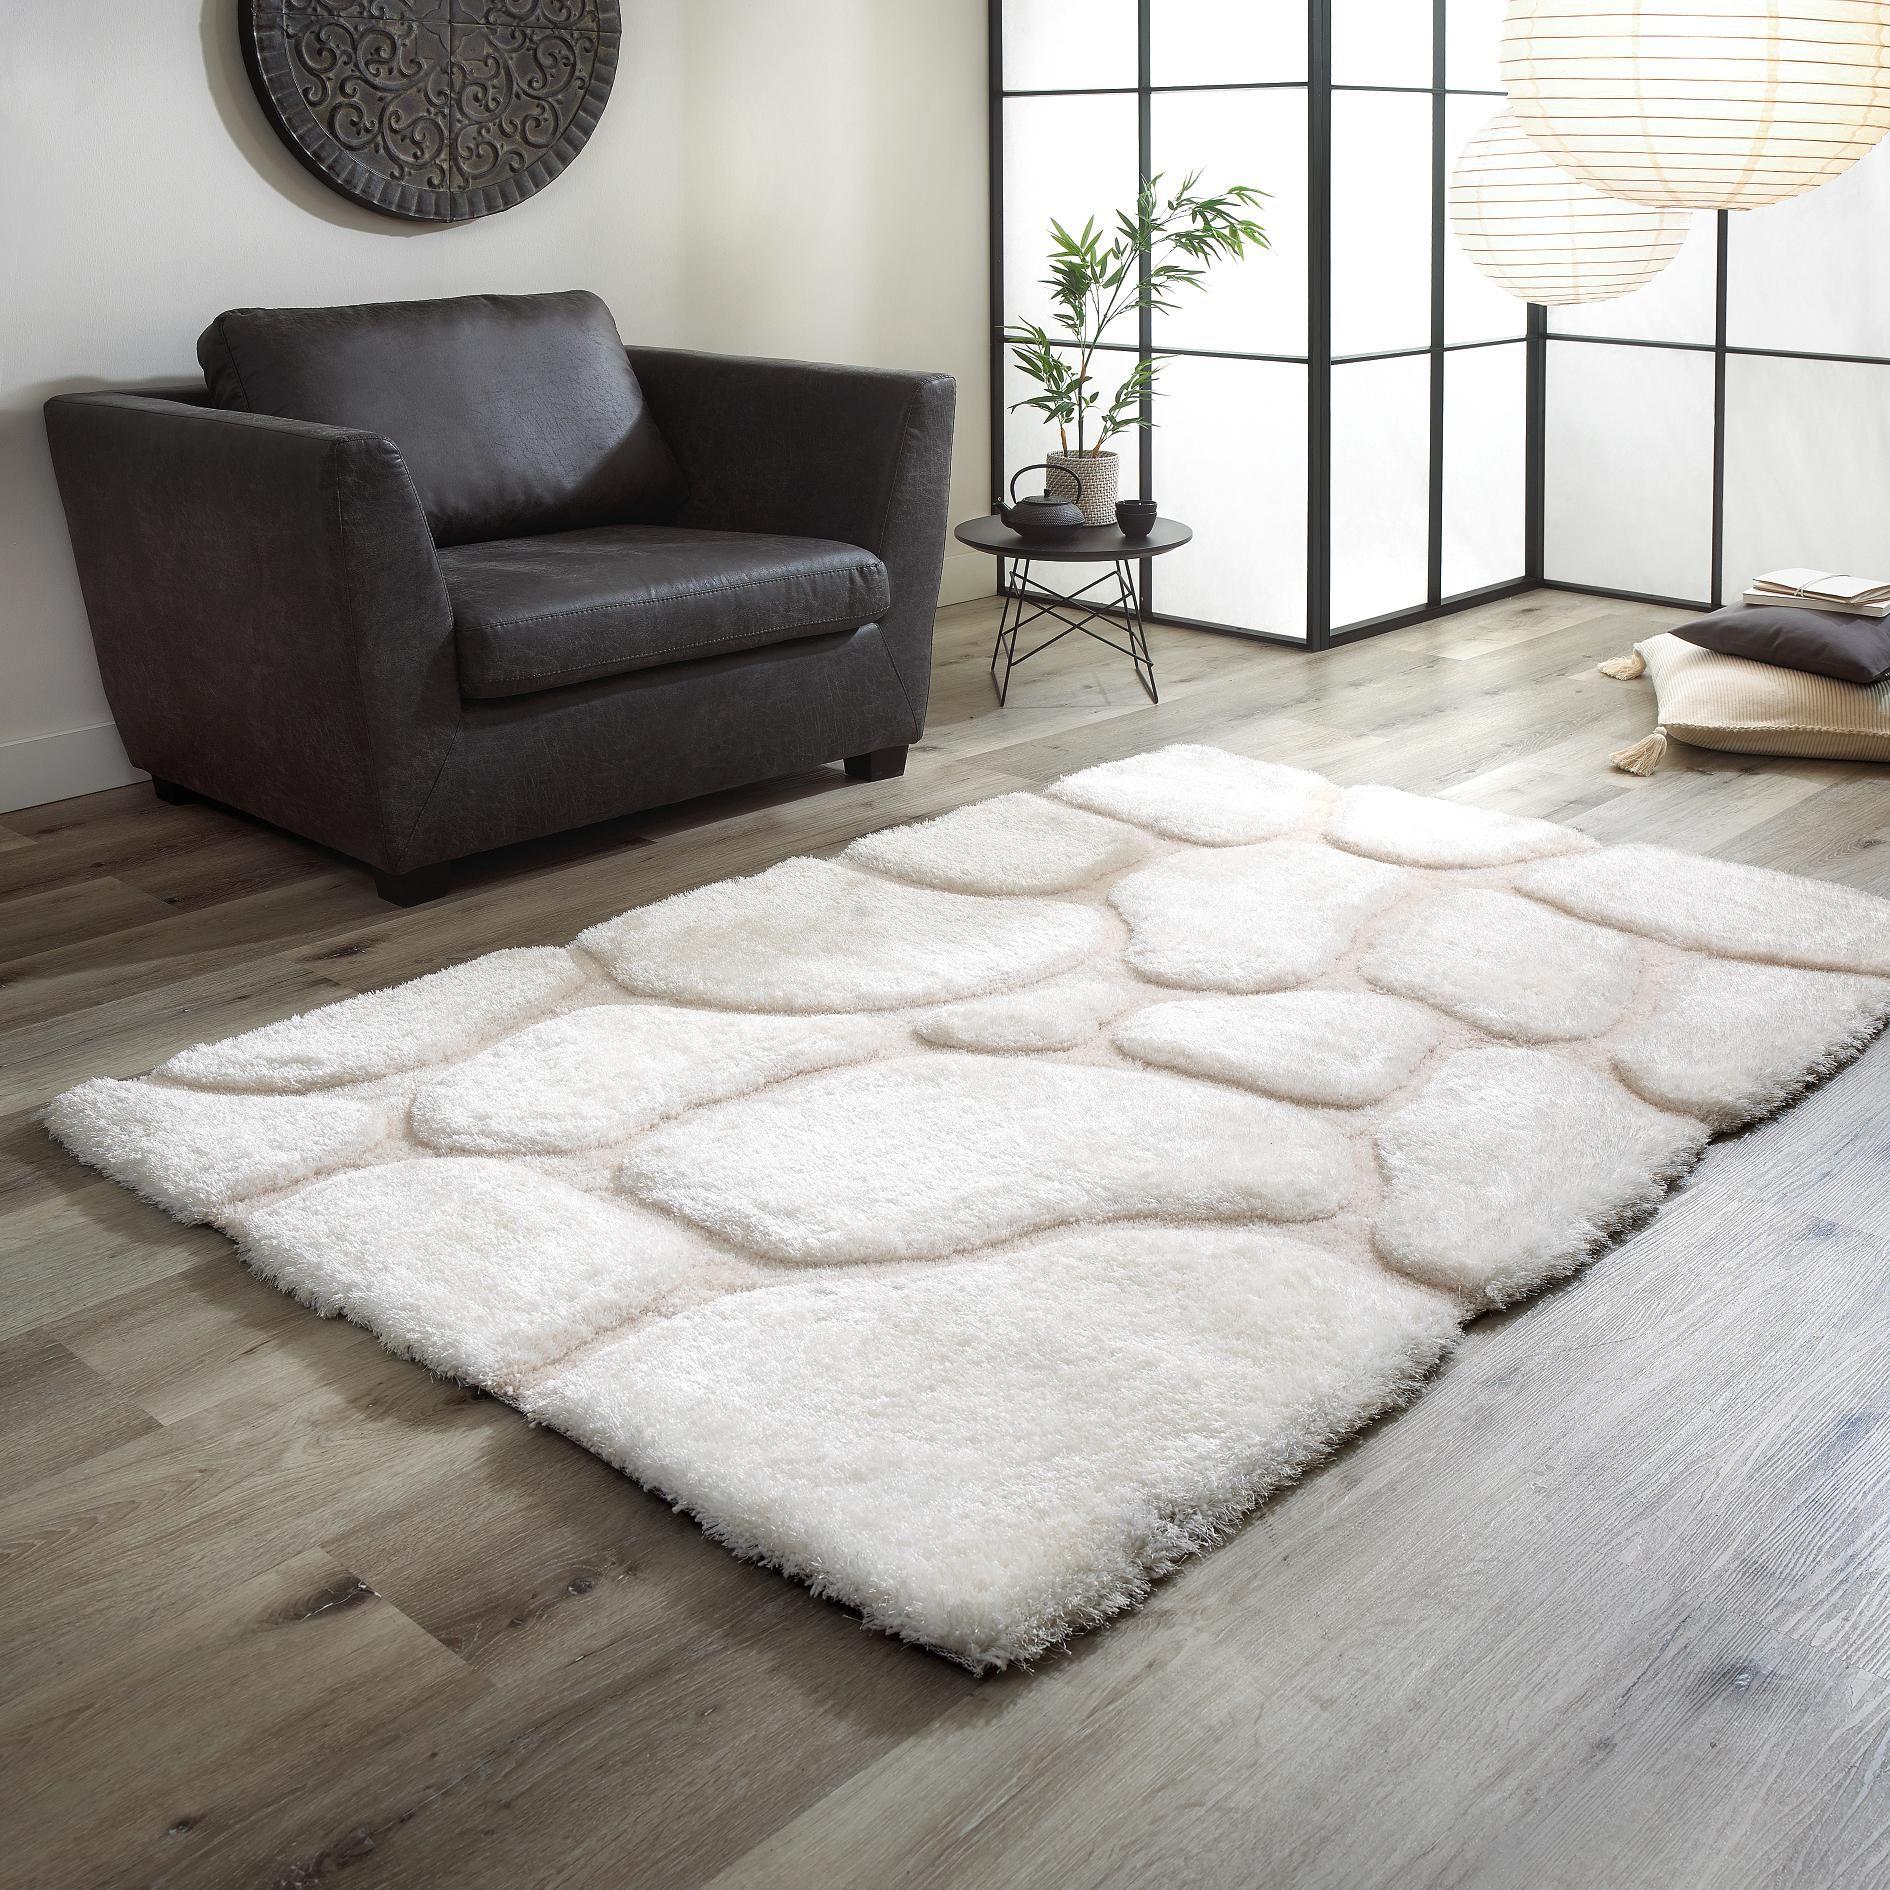 52 Teppich Wohnzimmer Beige | Haus Ideen